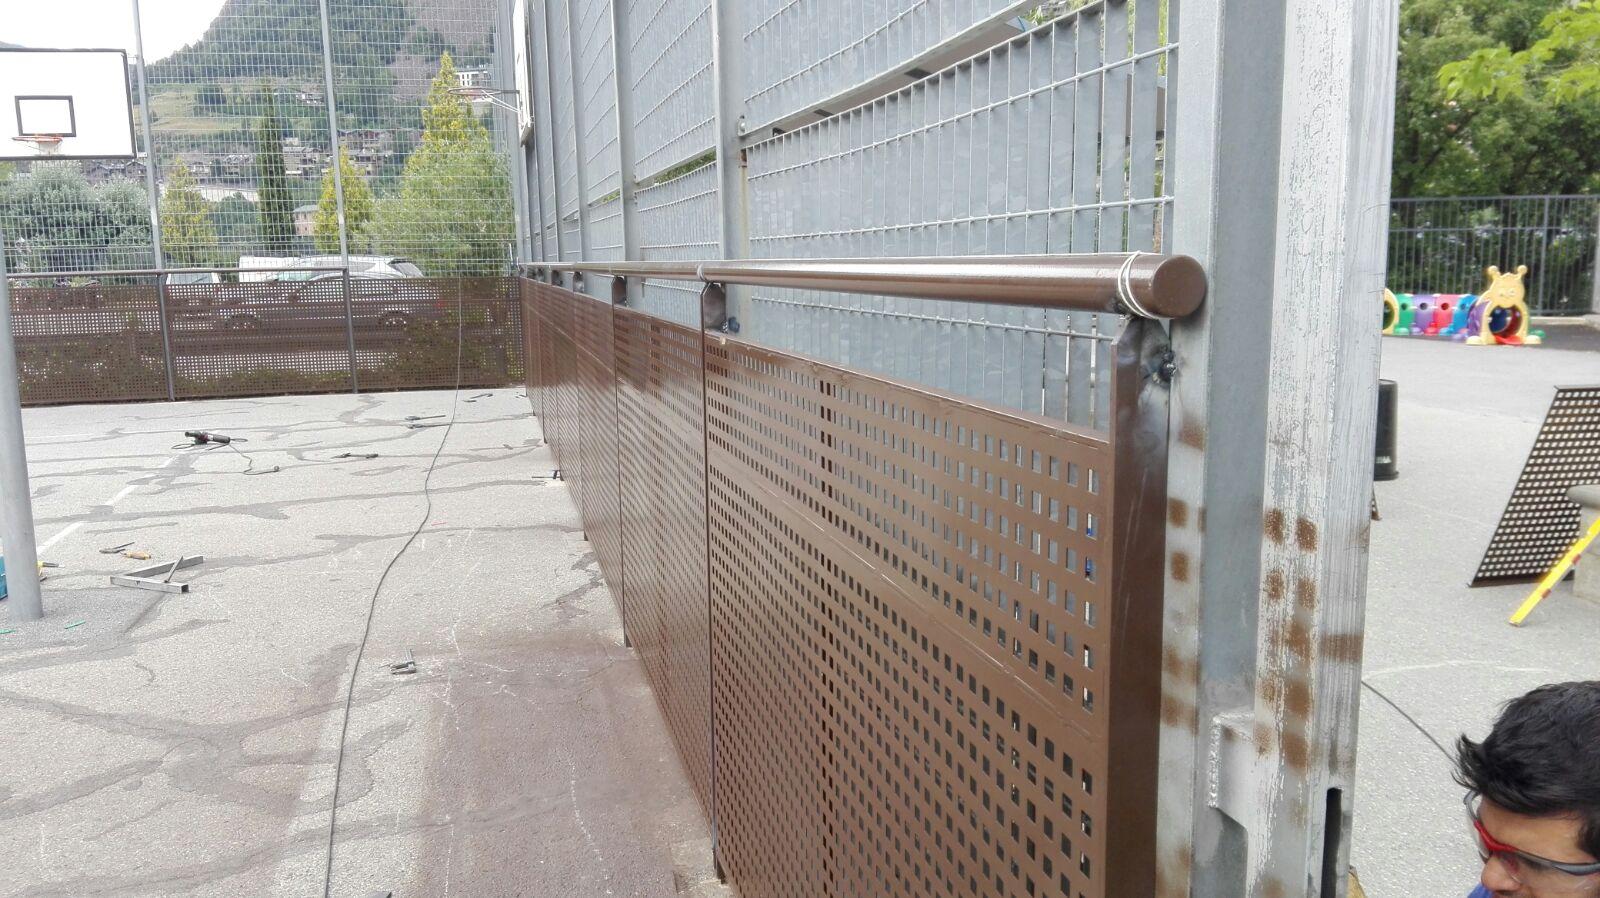 Baranes de ferro La barana és un element de protecció per a balconades i escales i podem fer que arribe a ser un element decoratiu més dins o fora de la seua llar. Una possibilitat que pot escollir i que nosaltres li oferim són les baranes de ferro.